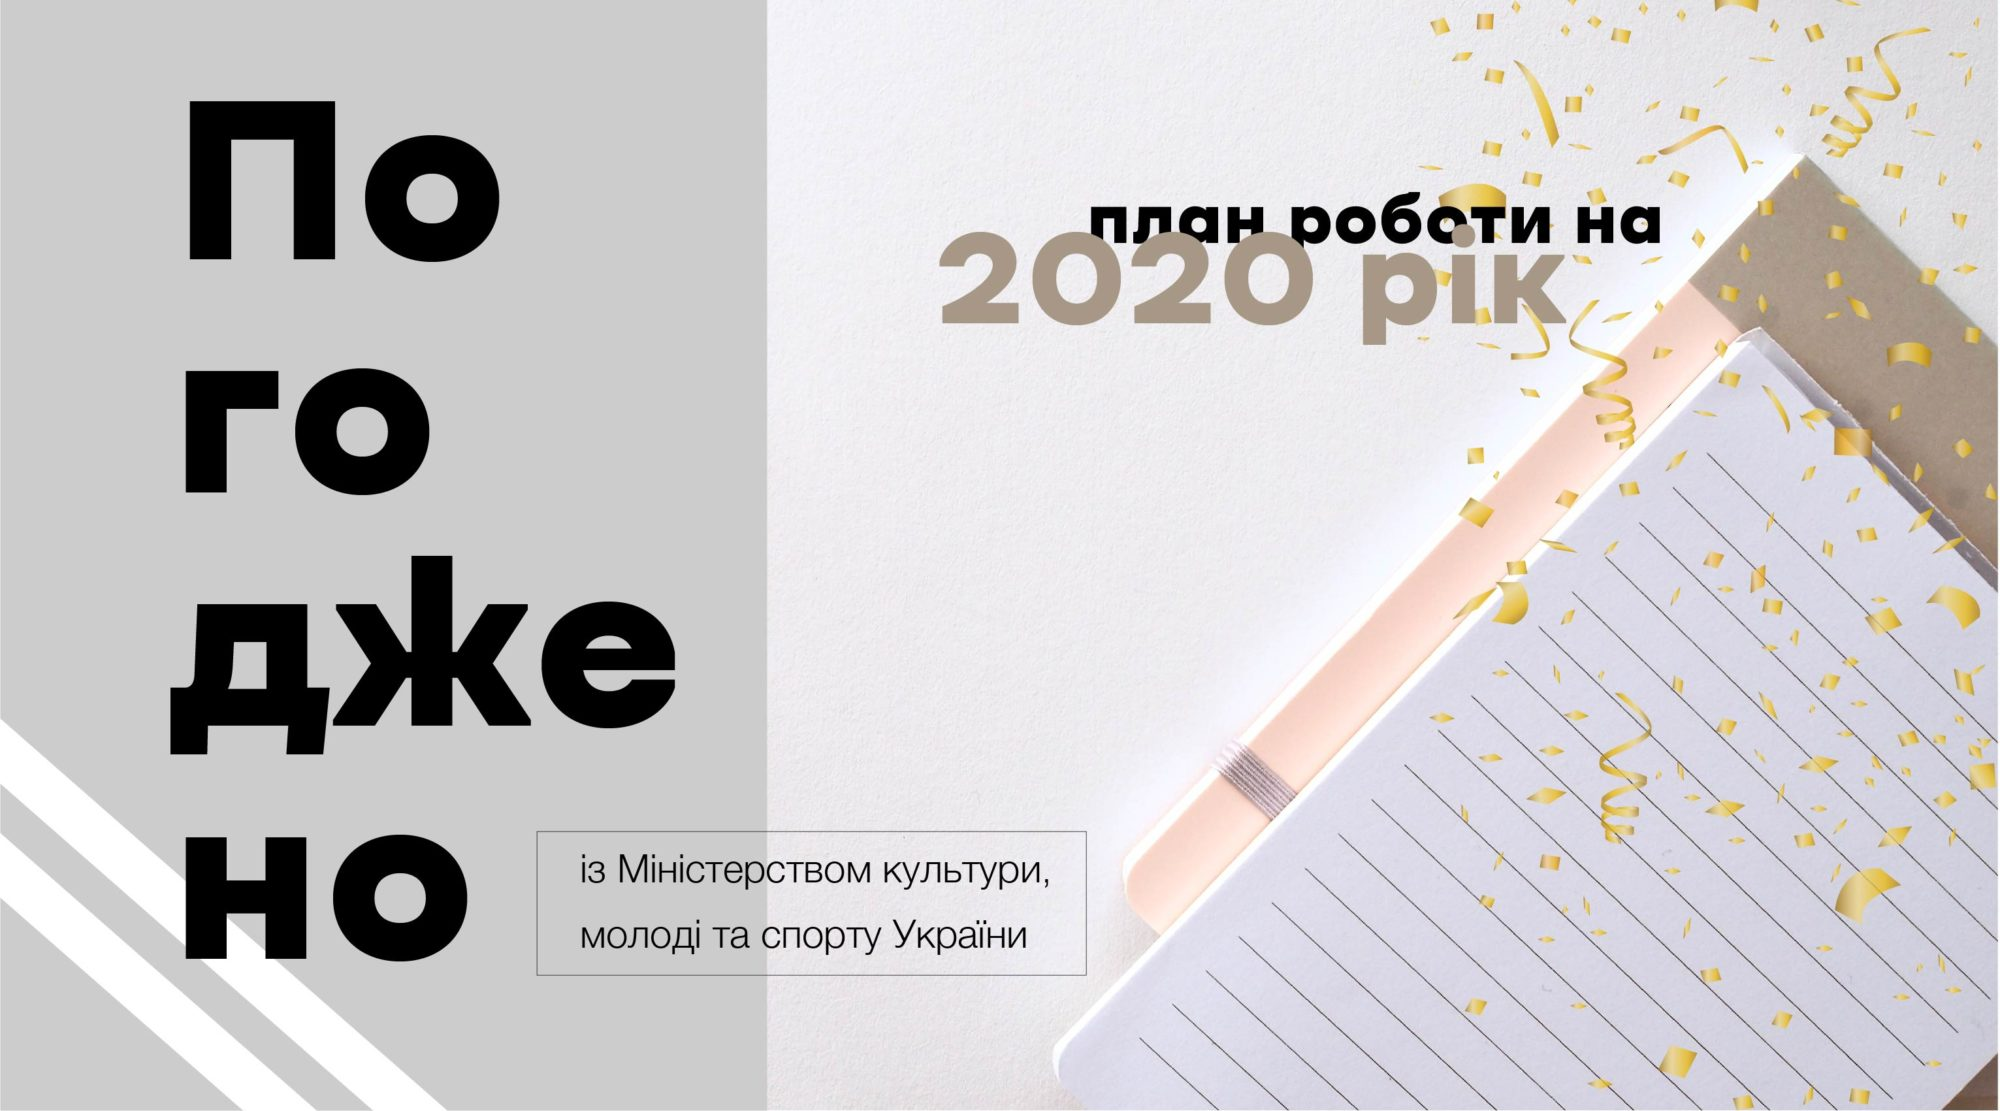 Український інститут книги погодив план роботи з Міністерством культури -  - 0ZvbmOm0rT 2000x1111